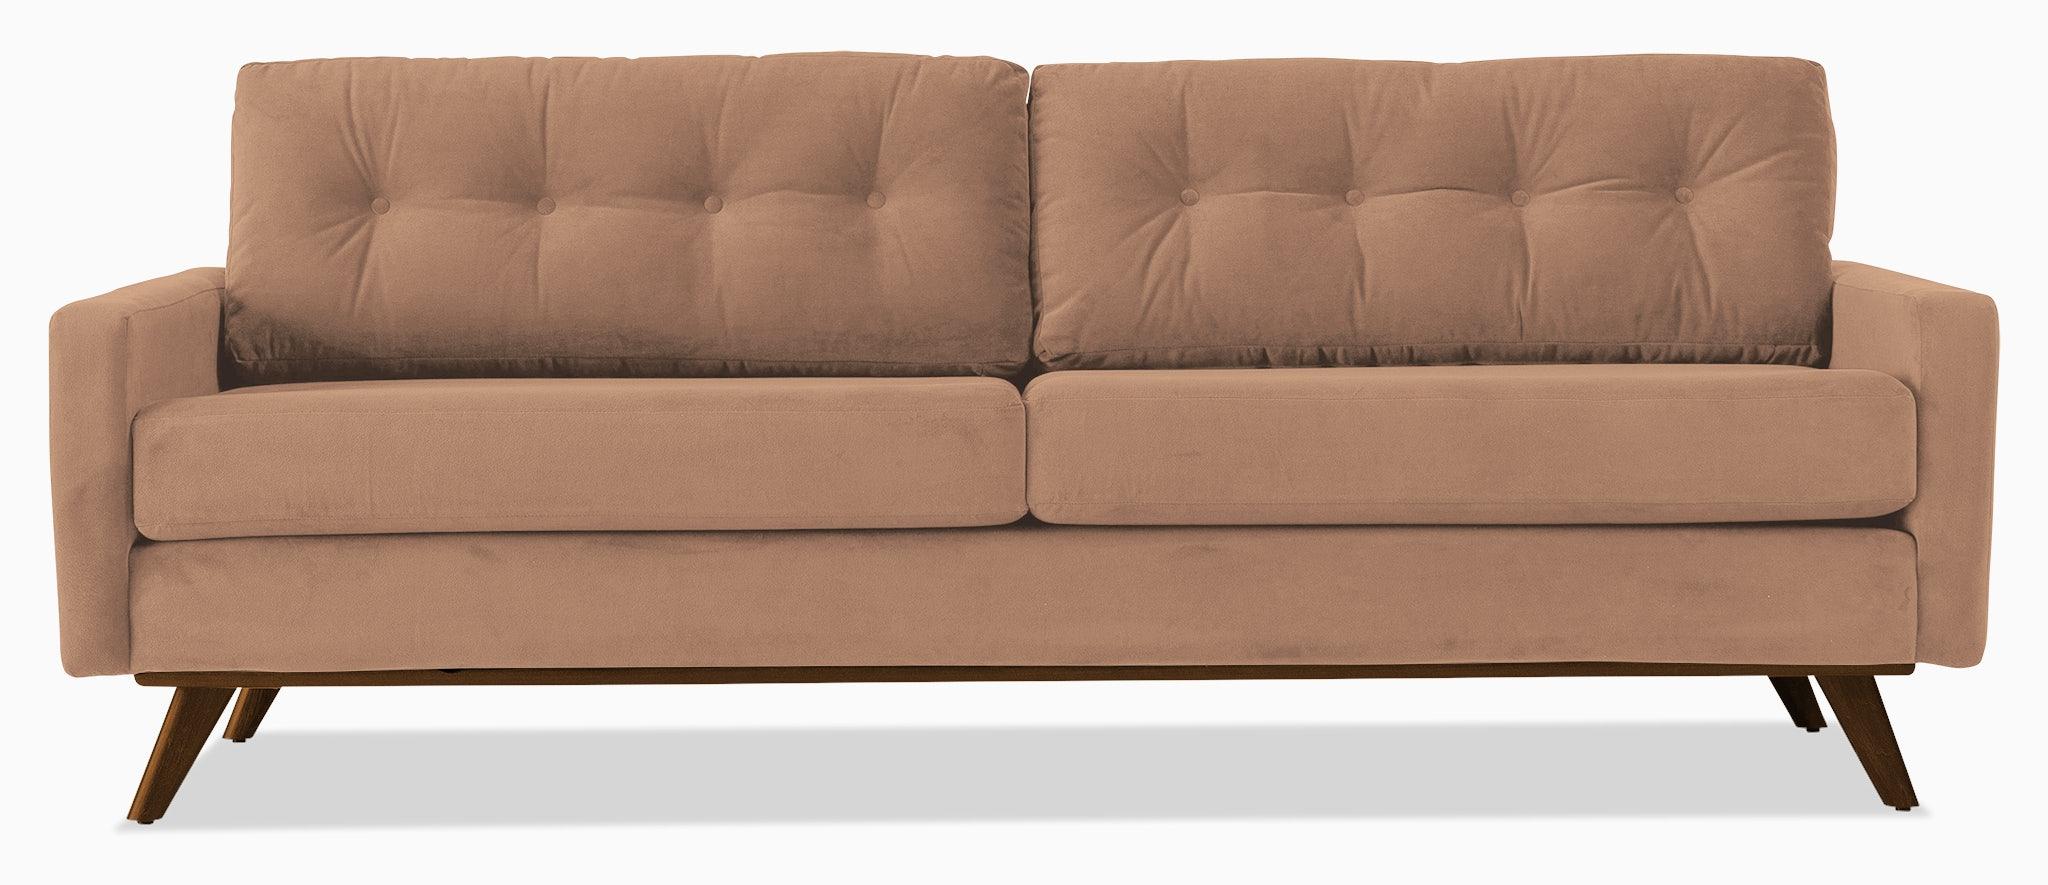 hopson sofa royale blush